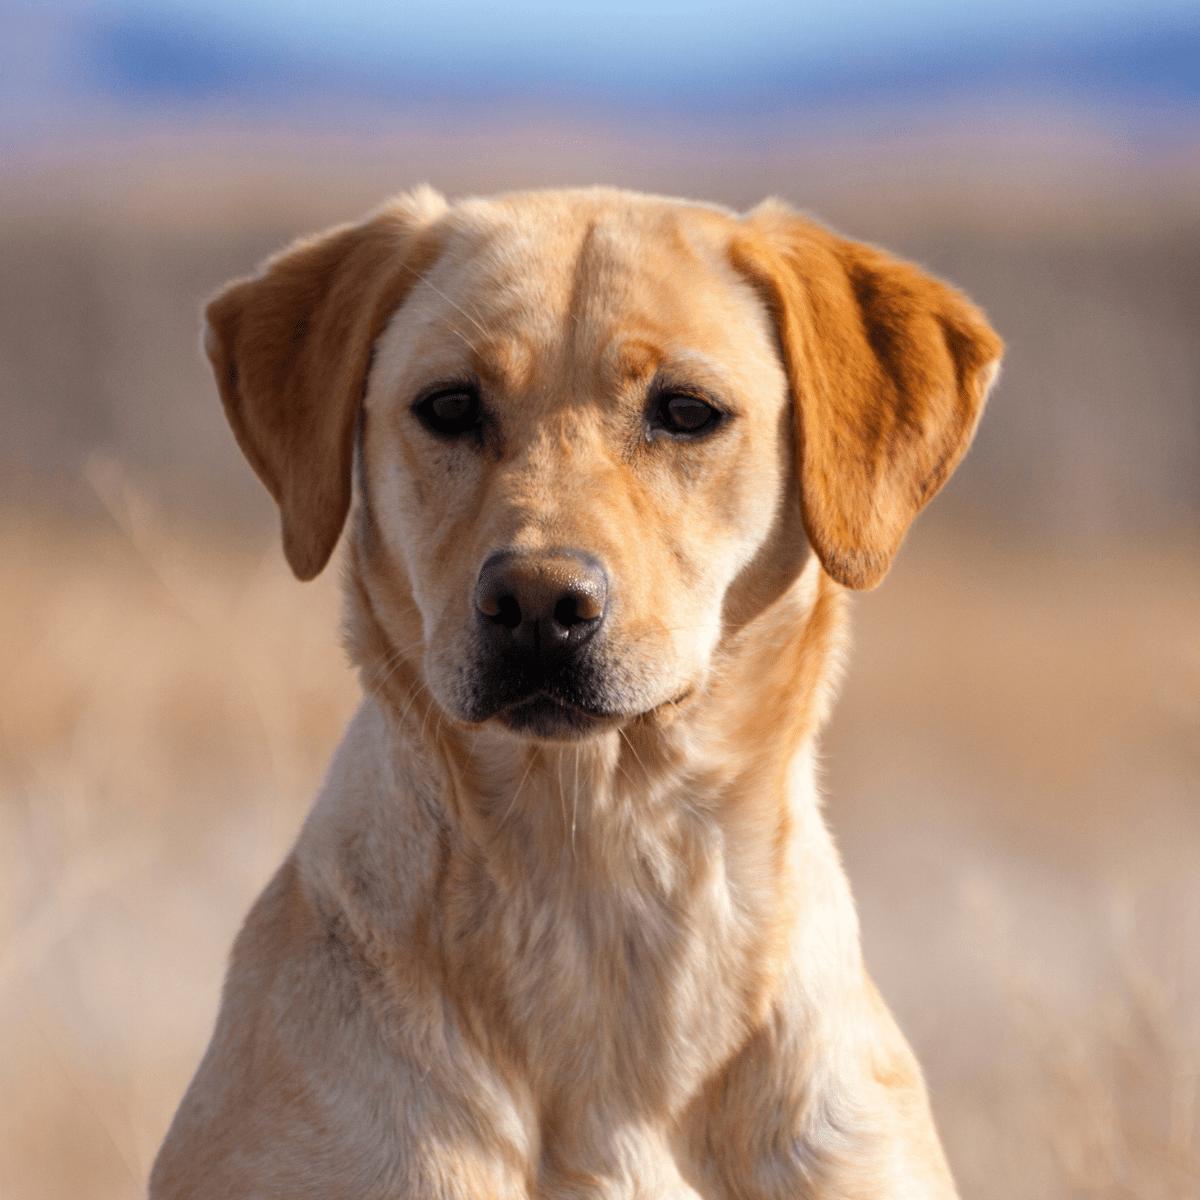 doggy detail breeds labrador retriever